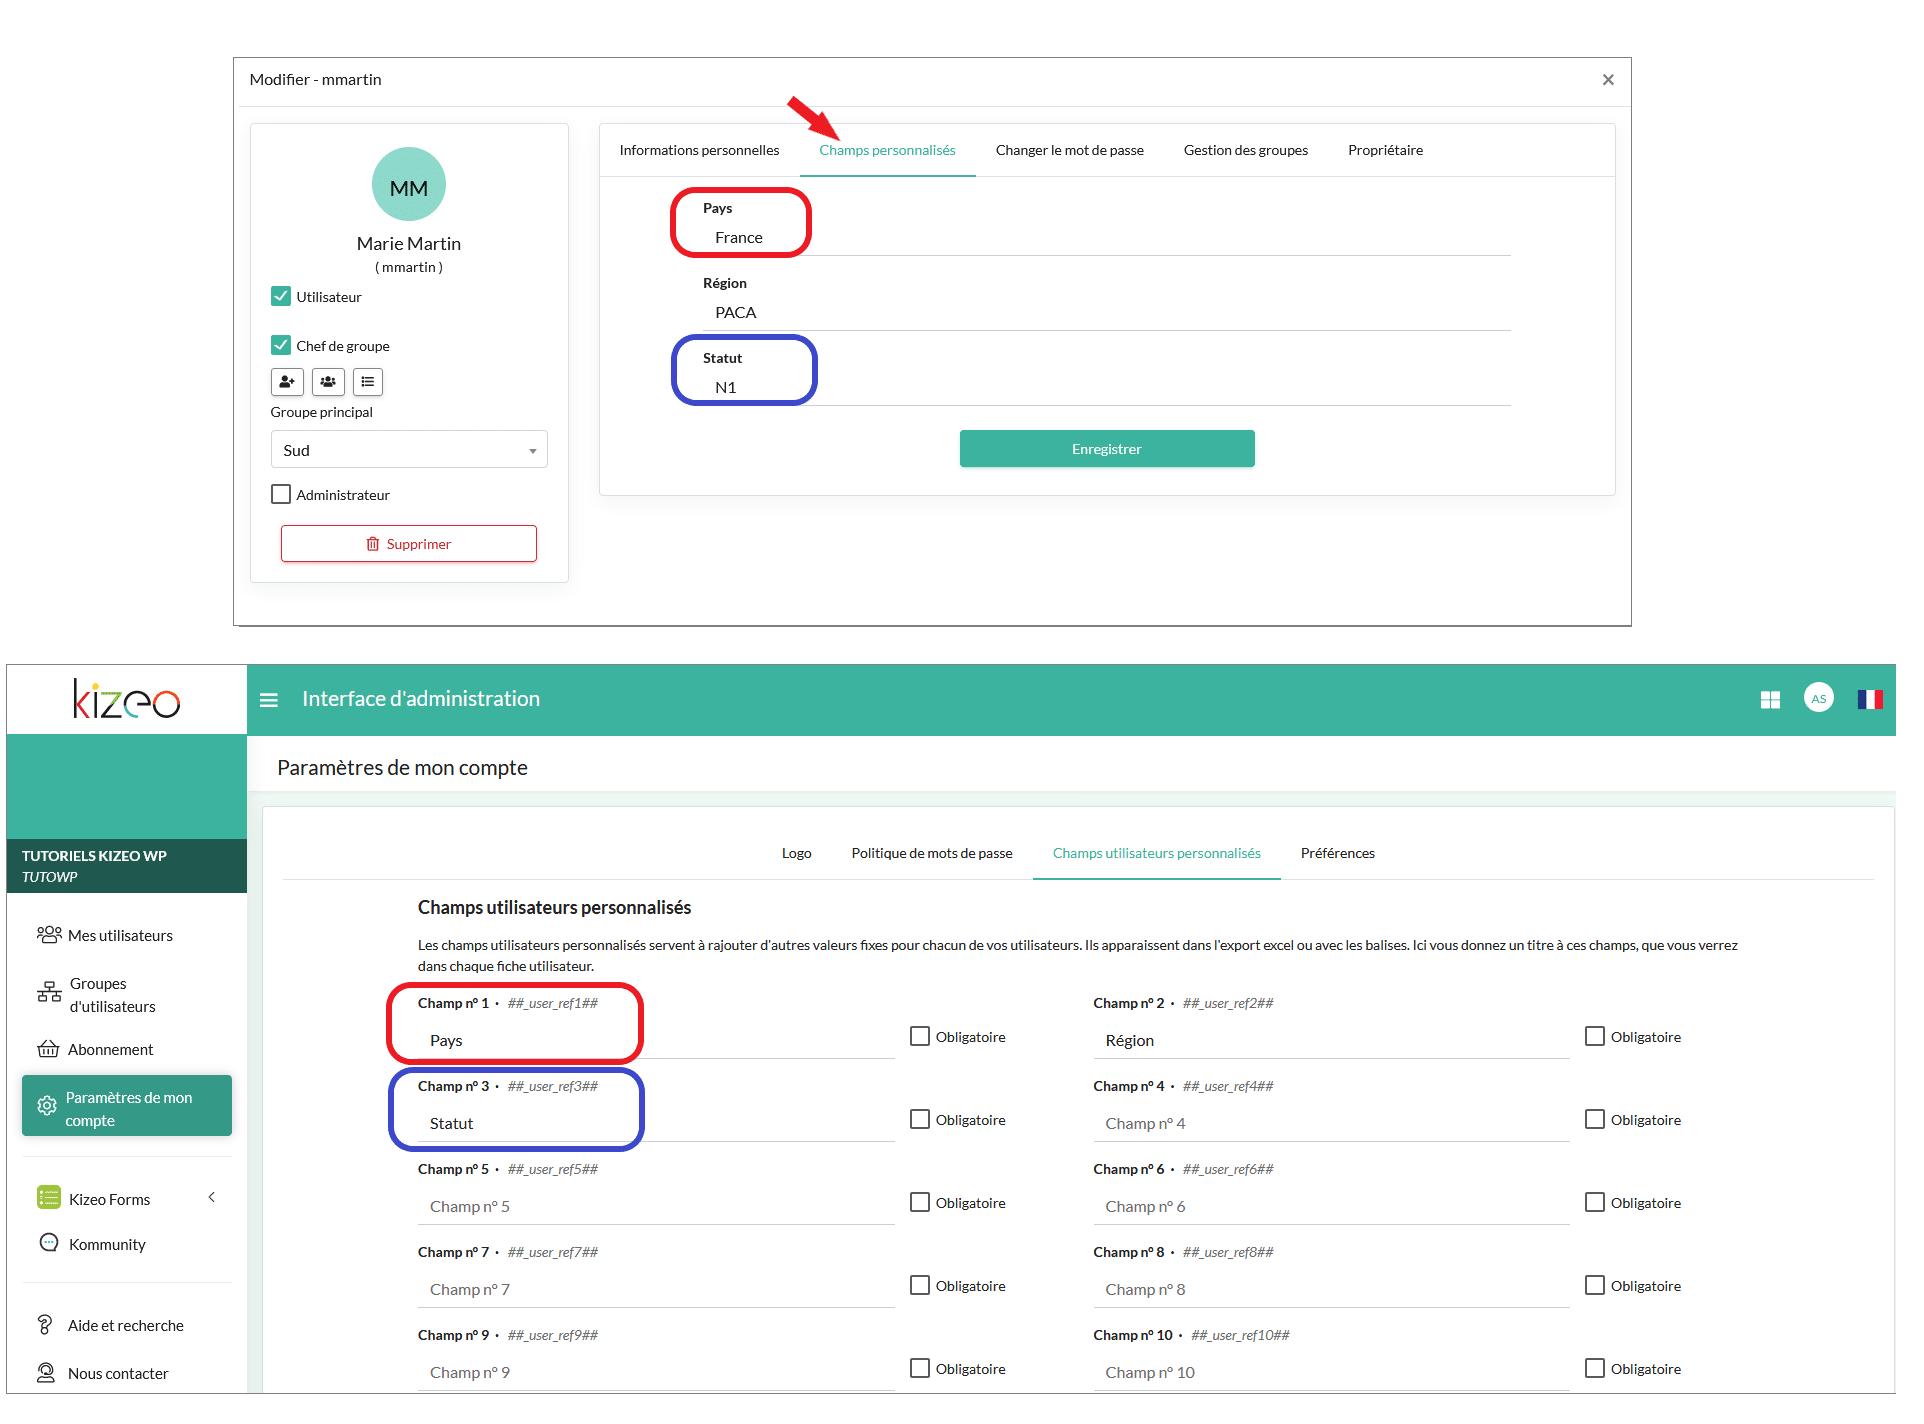 """Retrouvez le numéro d'User ref dans la rubrique """"Champs d'utilisateurs personnalisés""""."""